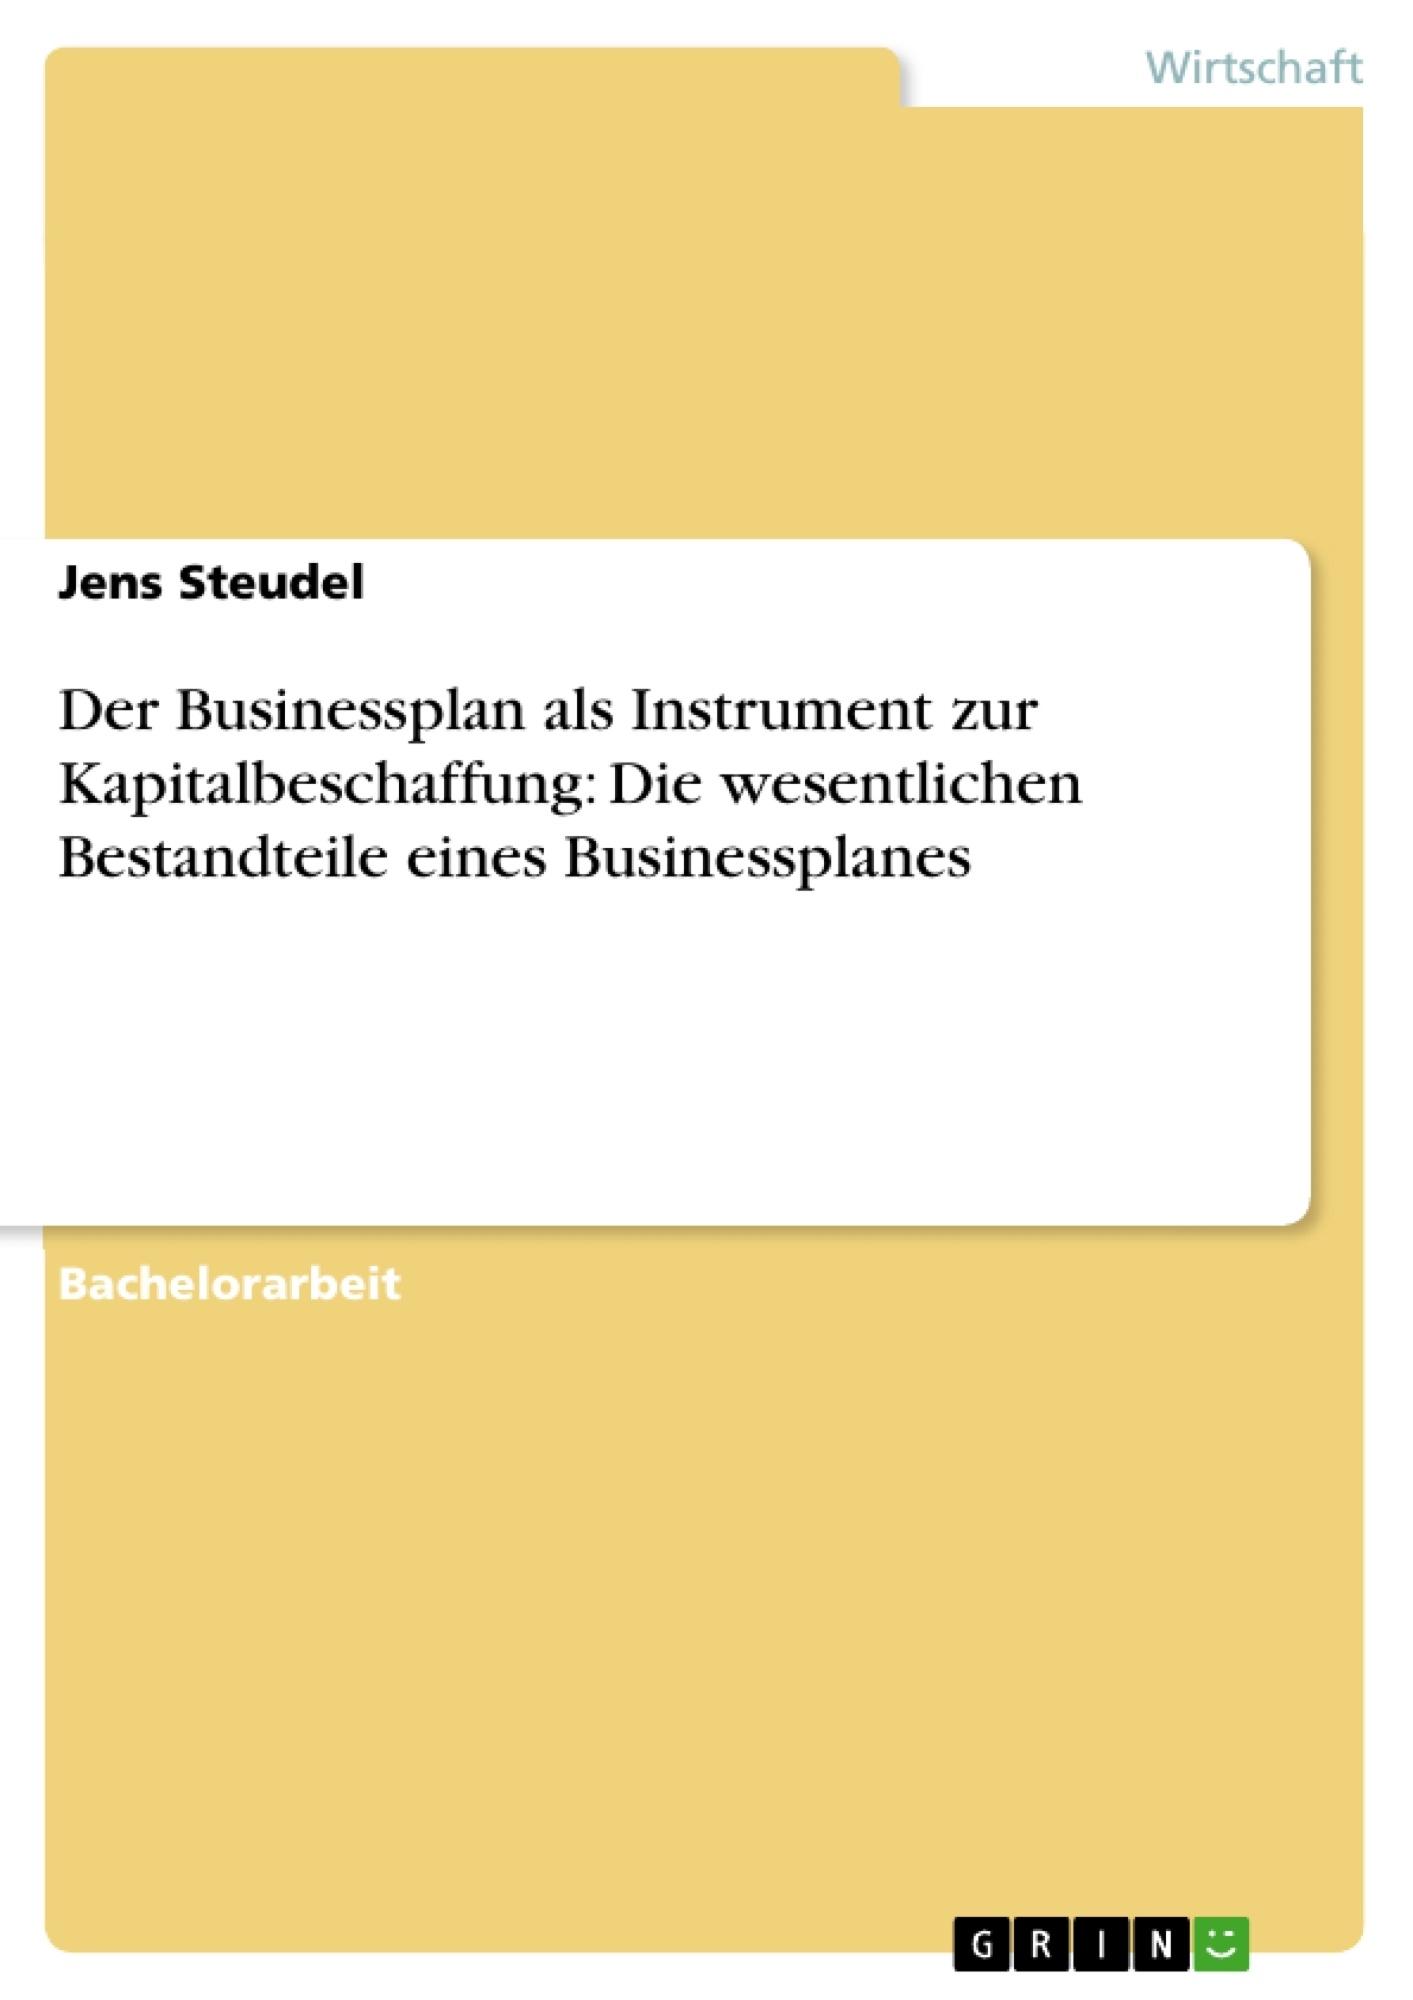 Titel: Der Businessplan als Instrument zur Kapitalbeschaffung: Die wesentlichen Bestandteile eines Businessplanes